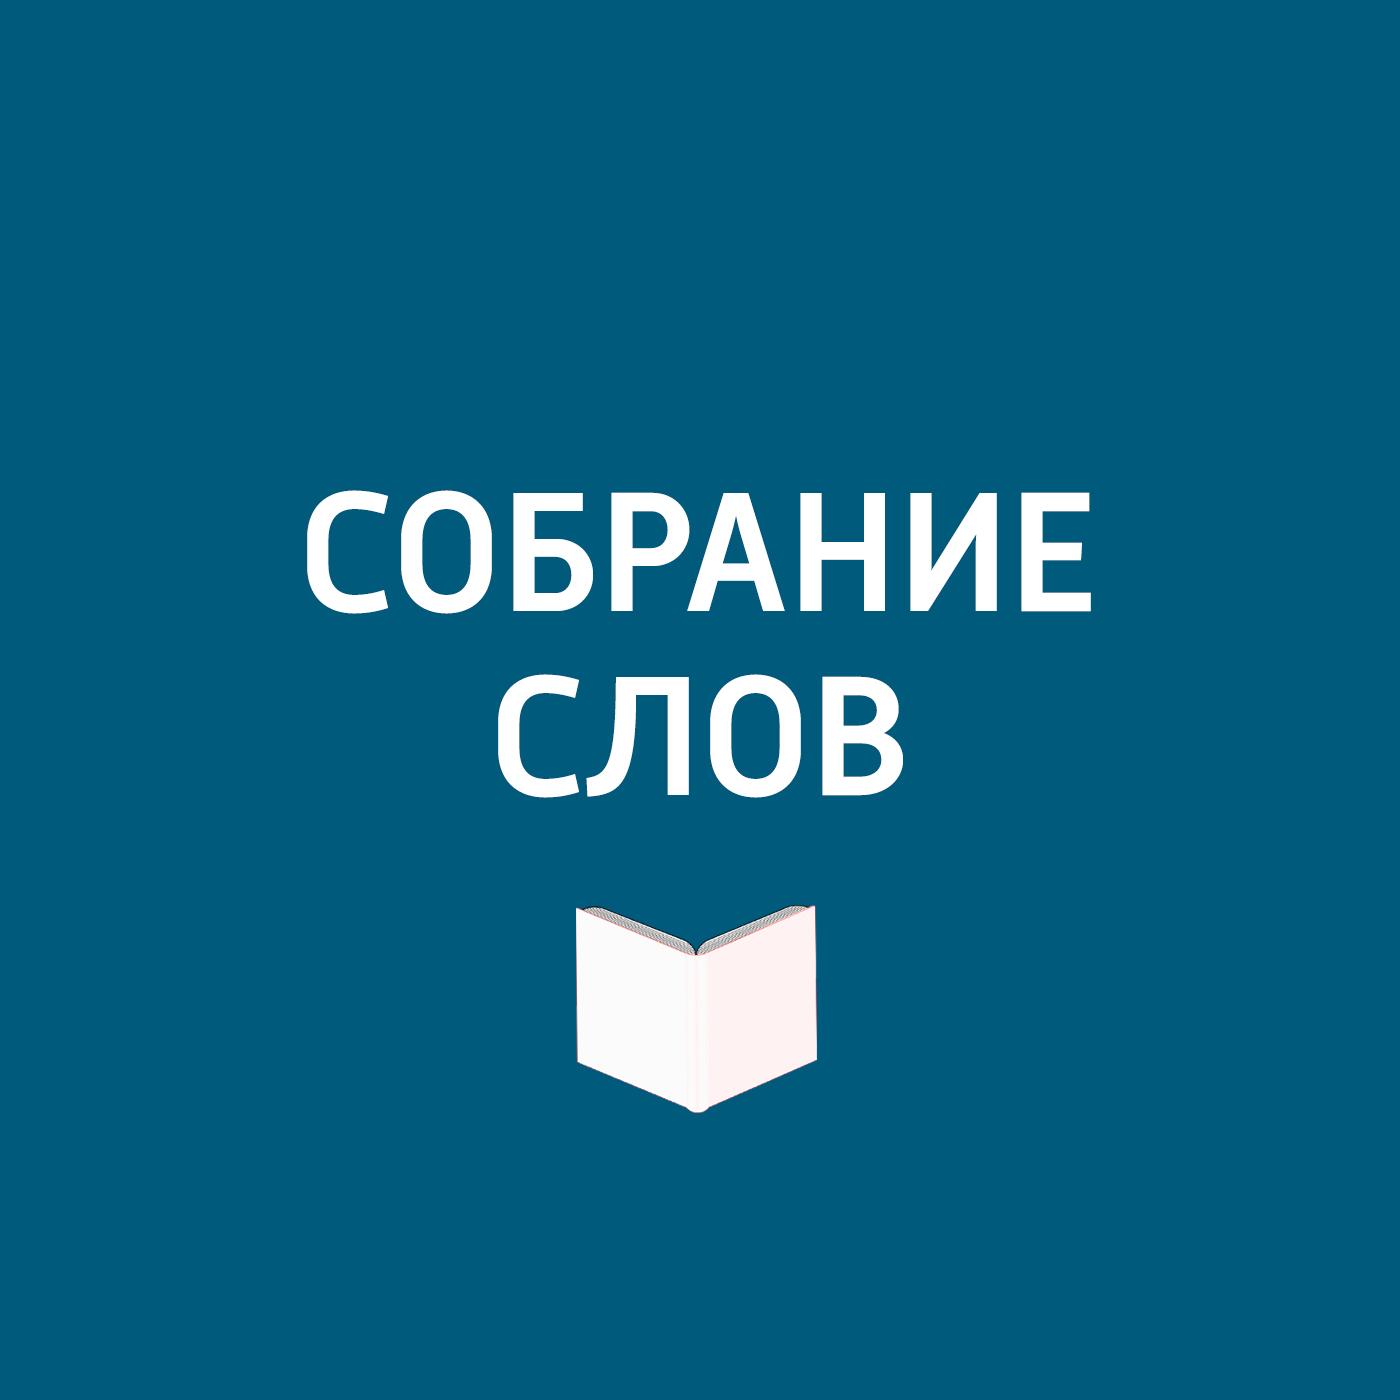 Творческий коллектив программы «Собрание слов» Большое интервью Павла Басинского